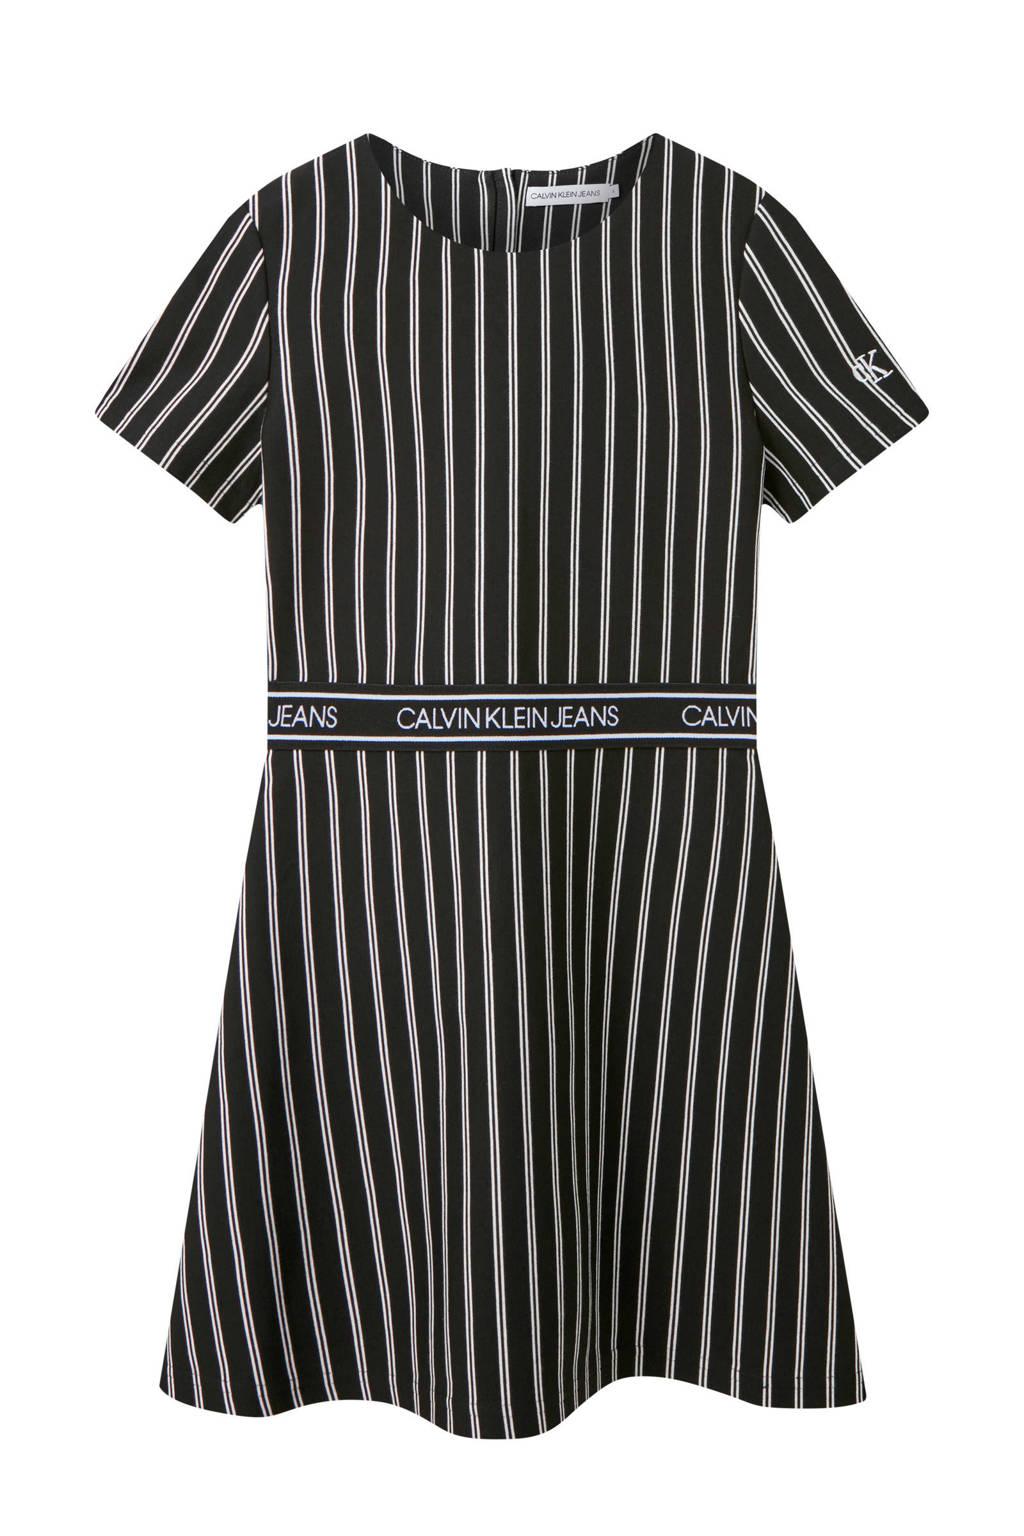 CALVIN KLEIN JEANS gestreepte A-lijn jurk zwart/wit, Zwart/wit